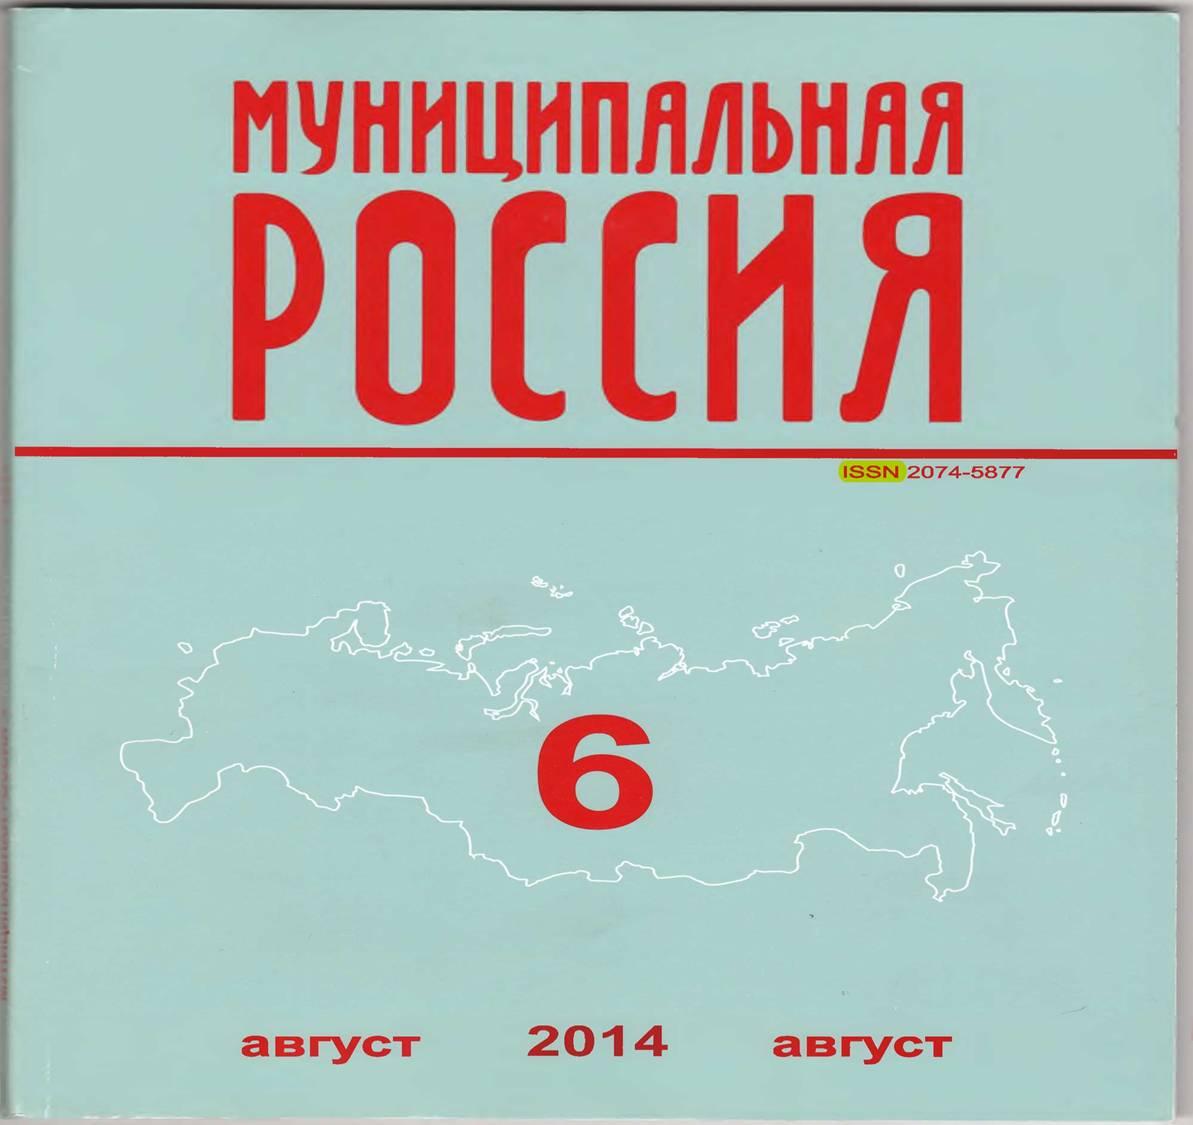 ЖУРНАЛ «МУНИЦИПАЛЬНАЯ РОССИЯ»